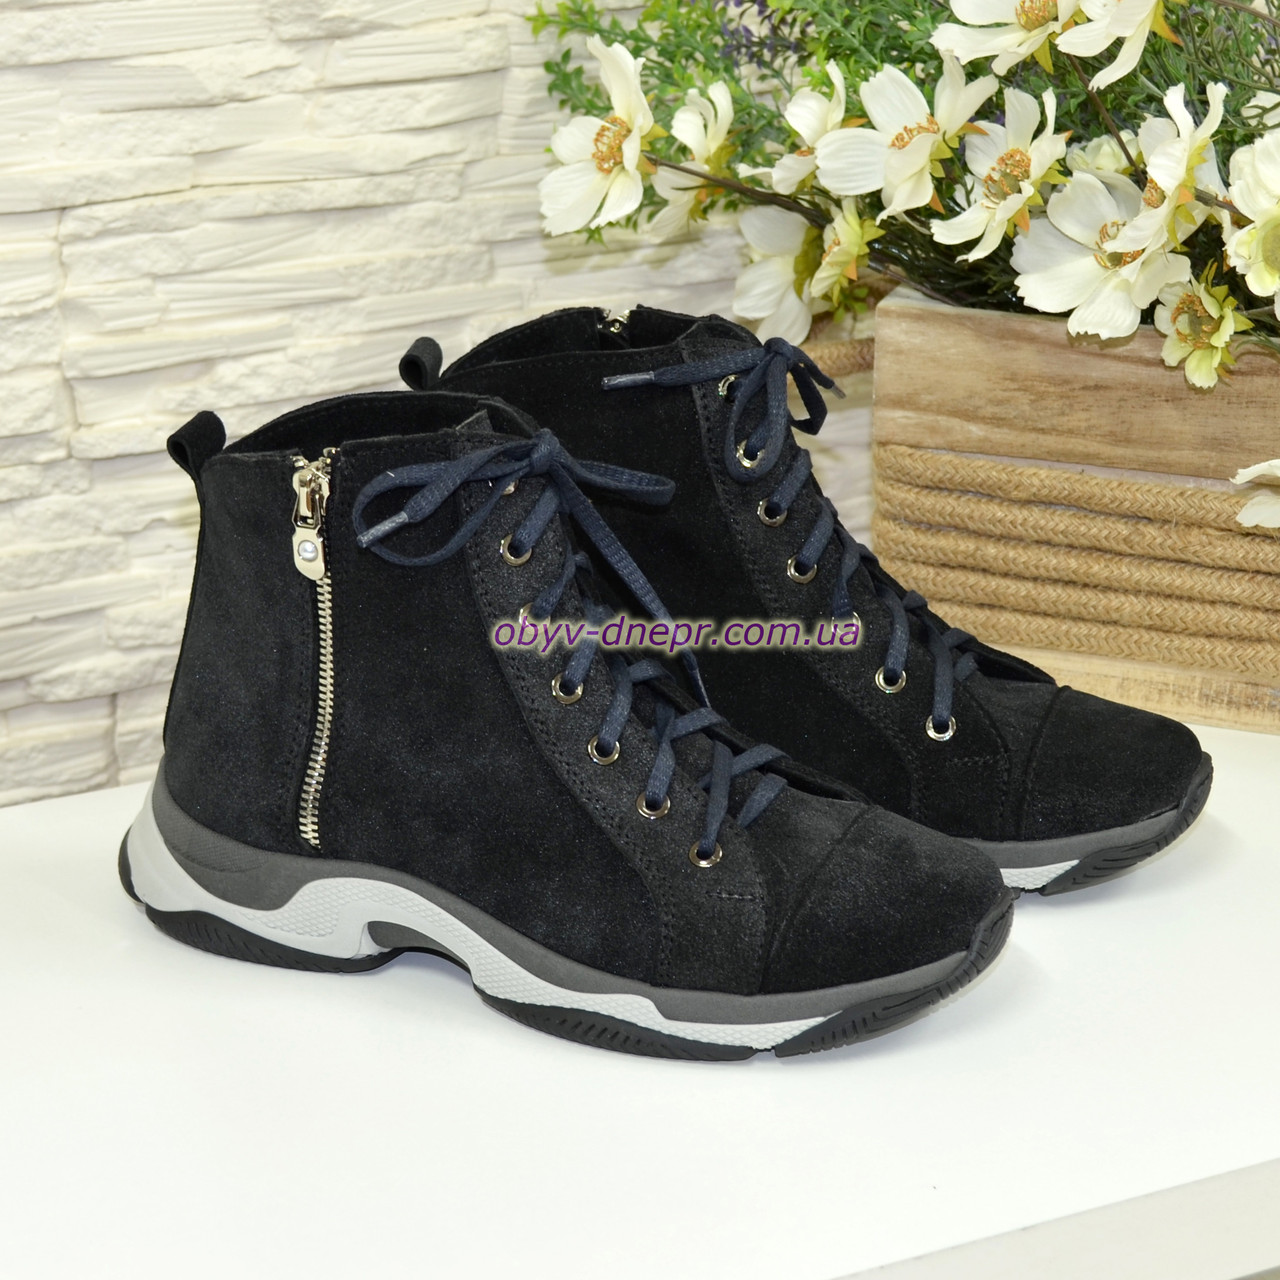 Женские ботинки на шнурках, натуральная замша с лазерным напылением